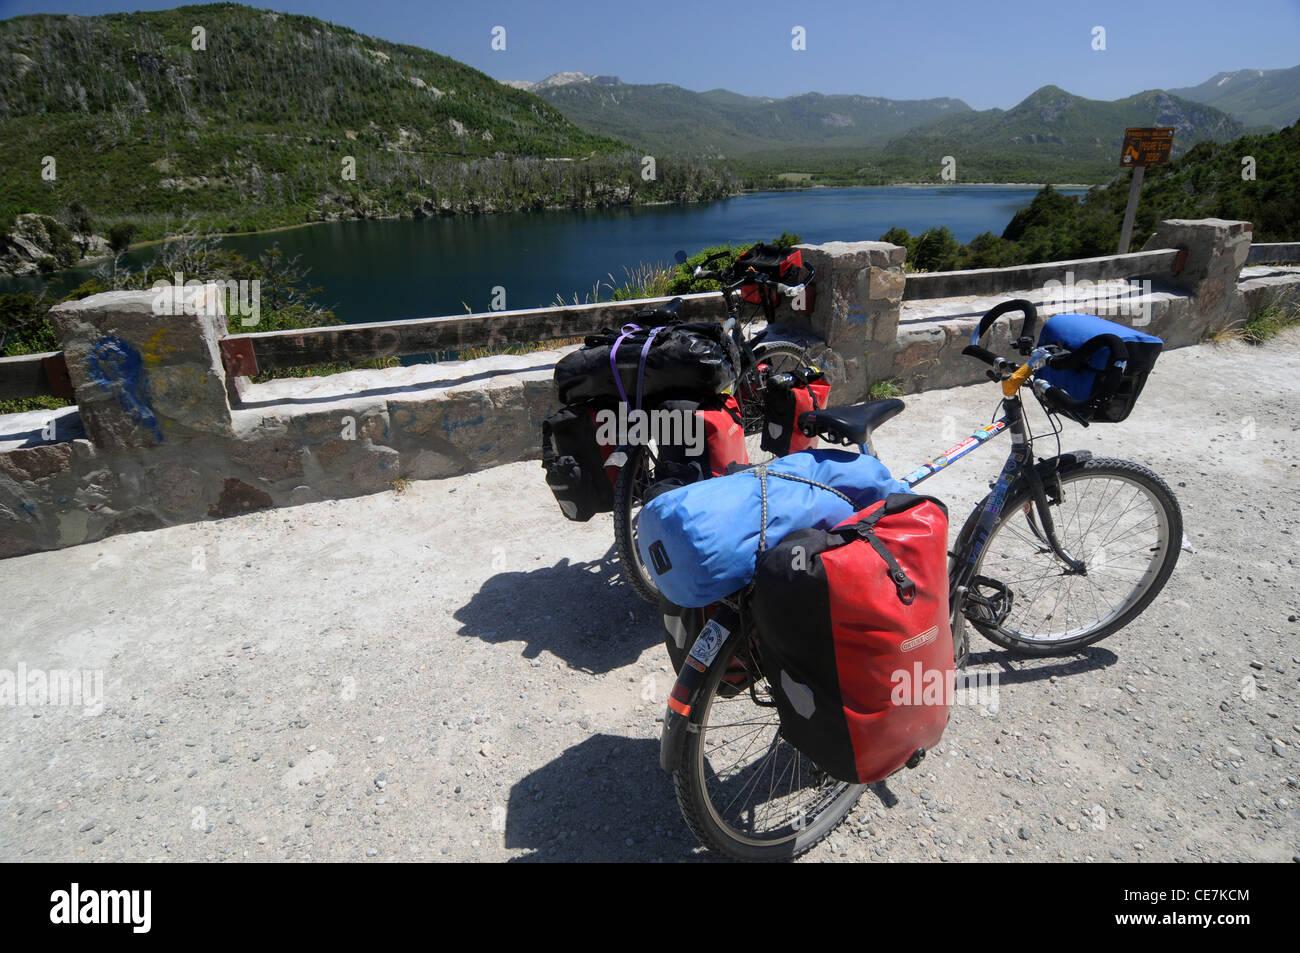 Viajar en bicicleta con alforjas estacionado con vistas al Lago Machonico, pintoresca Ruta de los Siete Lagos, Argentina Imagen De Stock